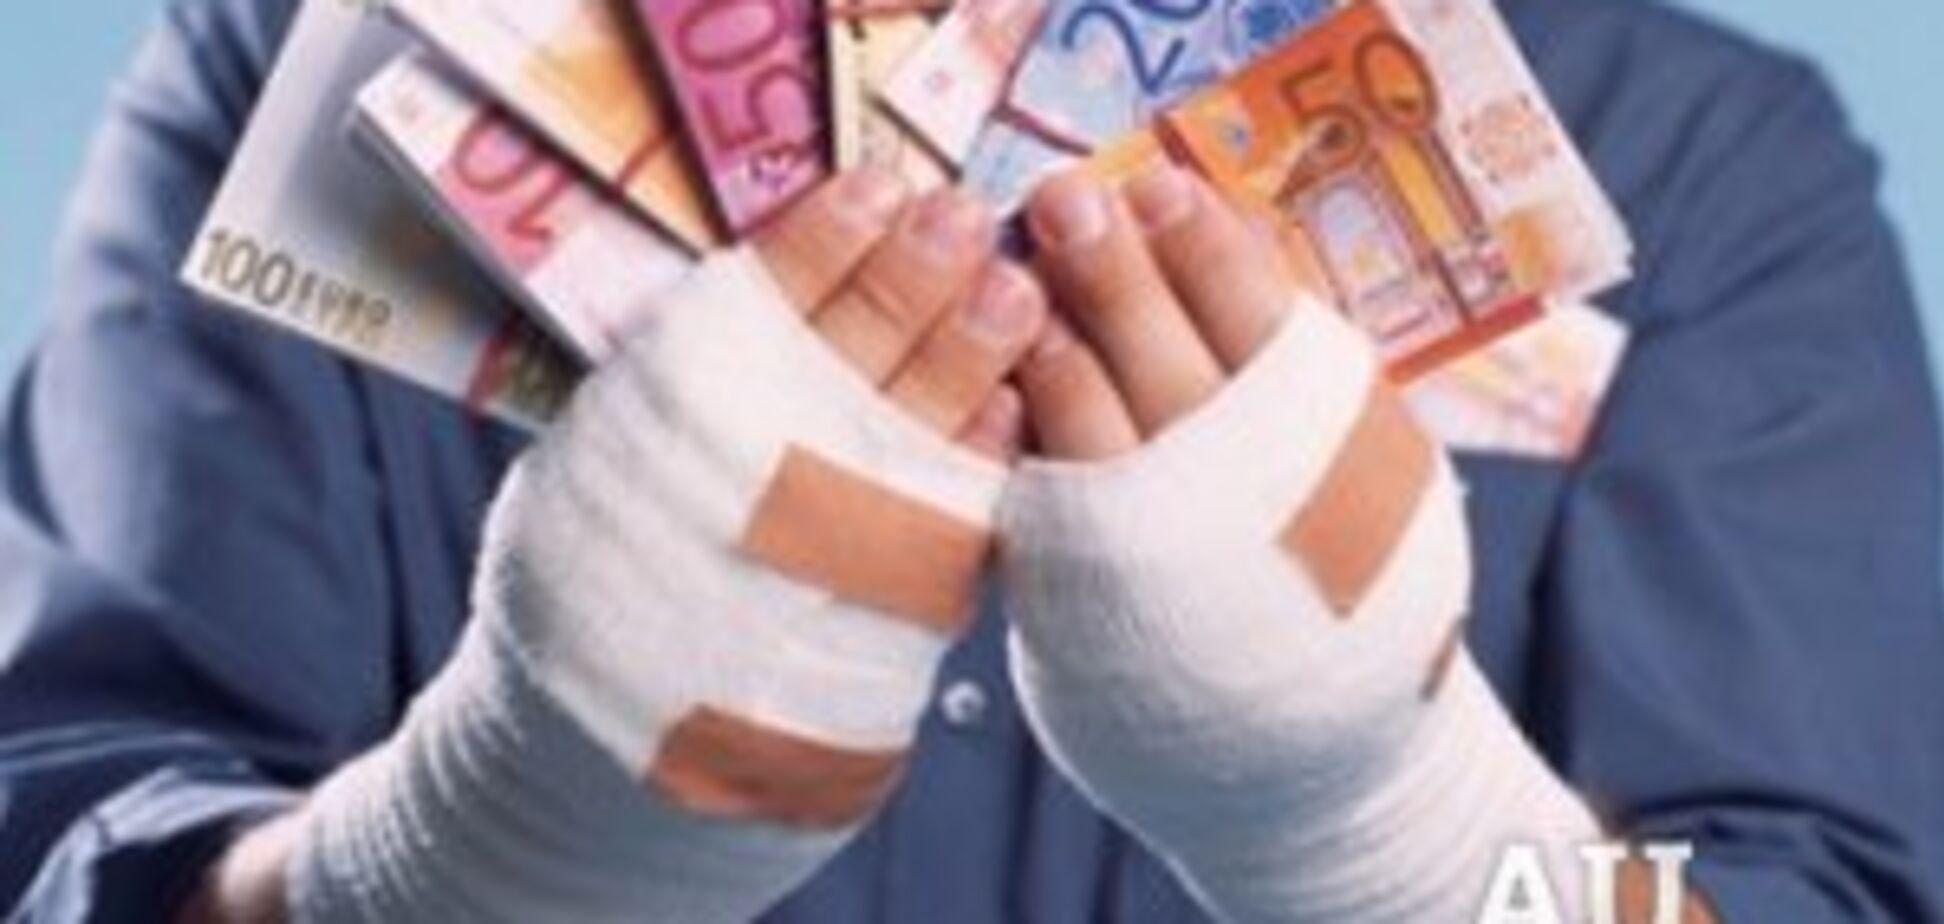 Возмещение морального ущерба: строгие правила компенсации